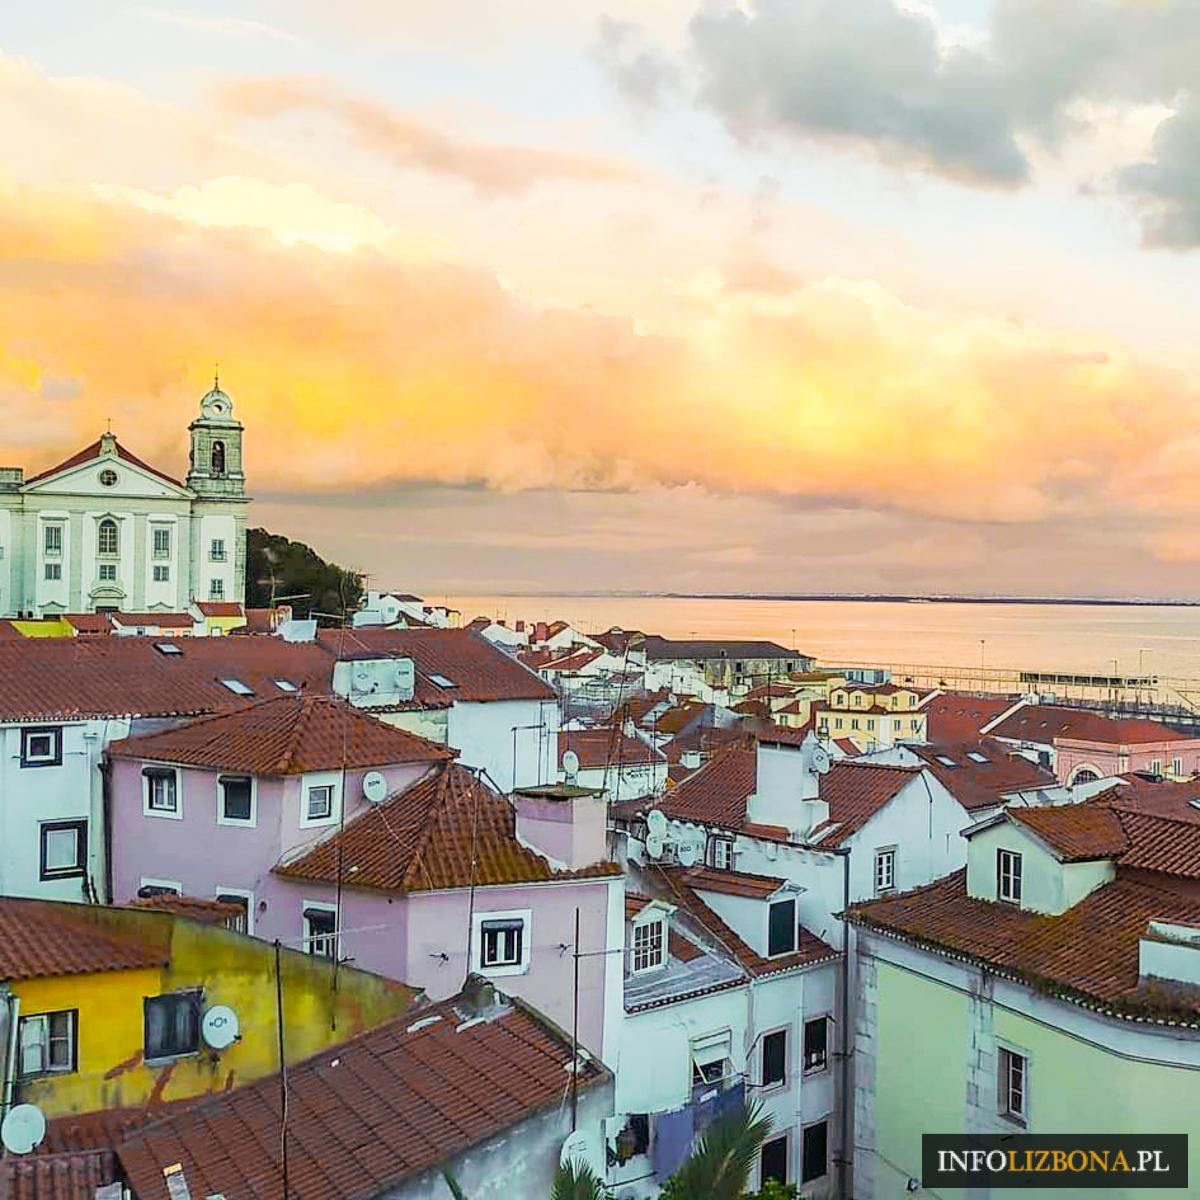 Polska Portugalia koronawirus covid 19 stan epidemiologiczny otwarcie turystyki w Portugalii 2020 wakacje w Lizbonie przyjazd loty aktualne informacje opis ekspert Lizbona